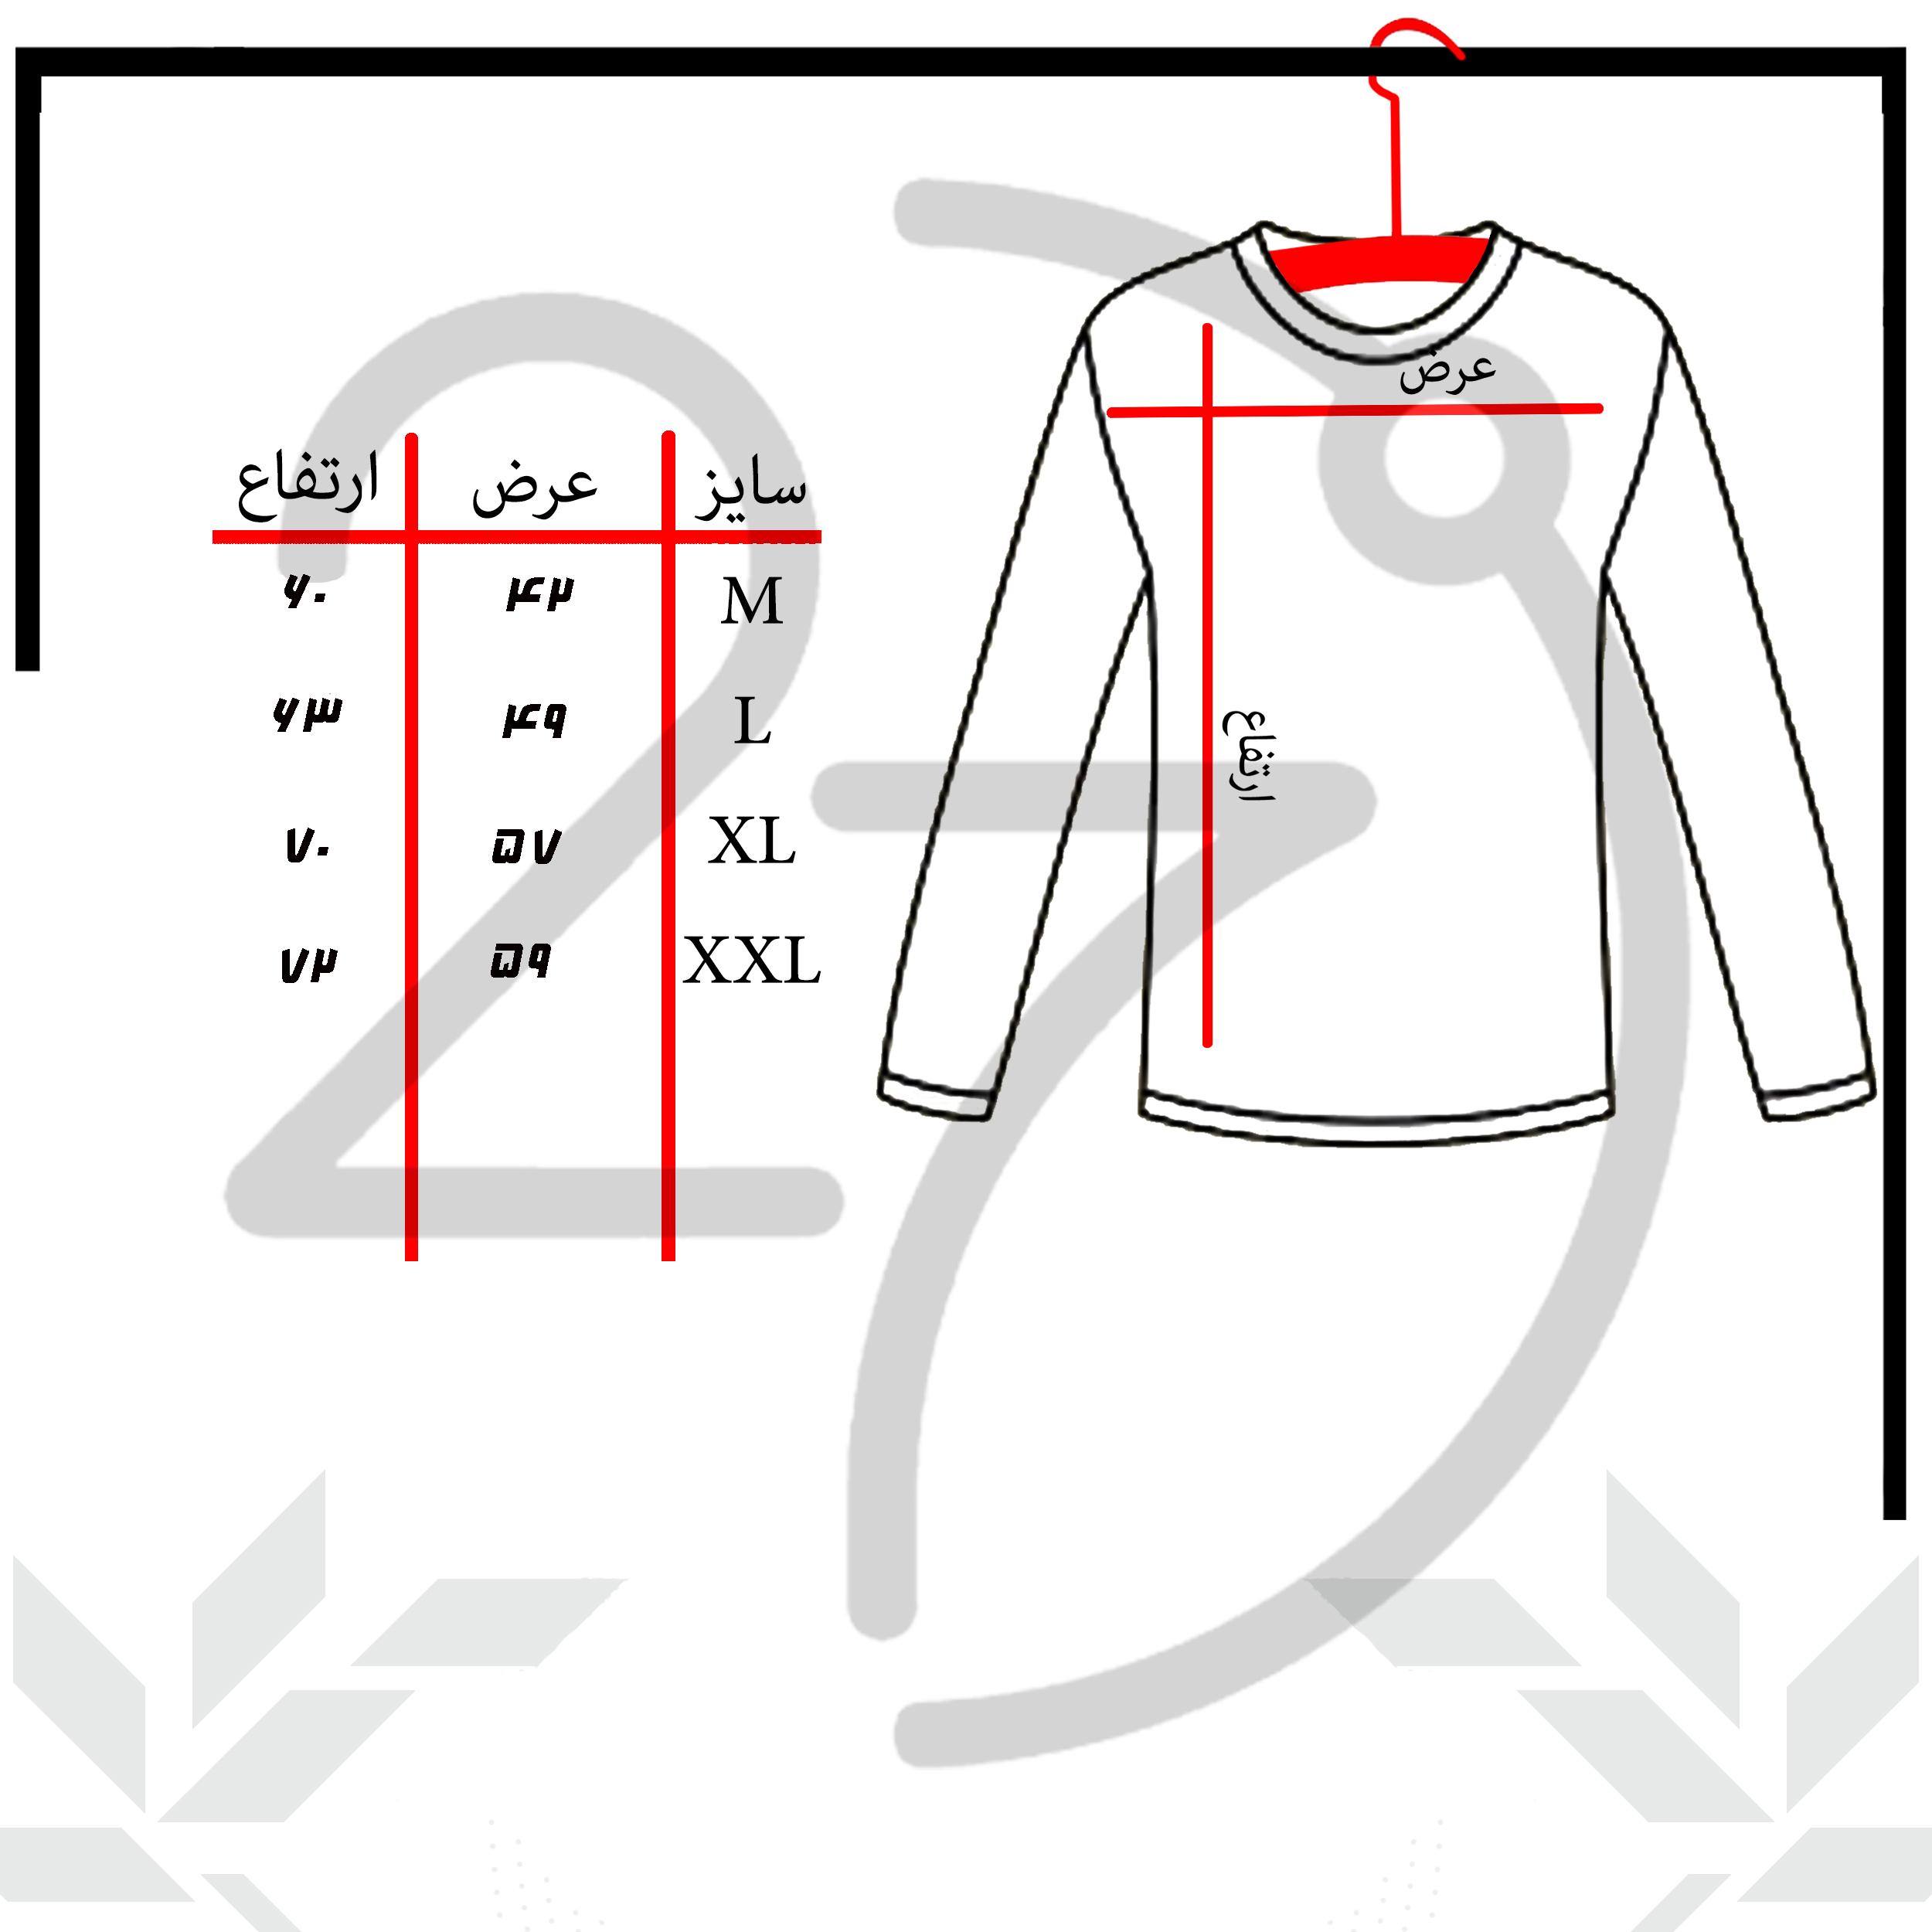 تی شرت آستین بلند زنانه 27 مدل هری پاتر کد B129